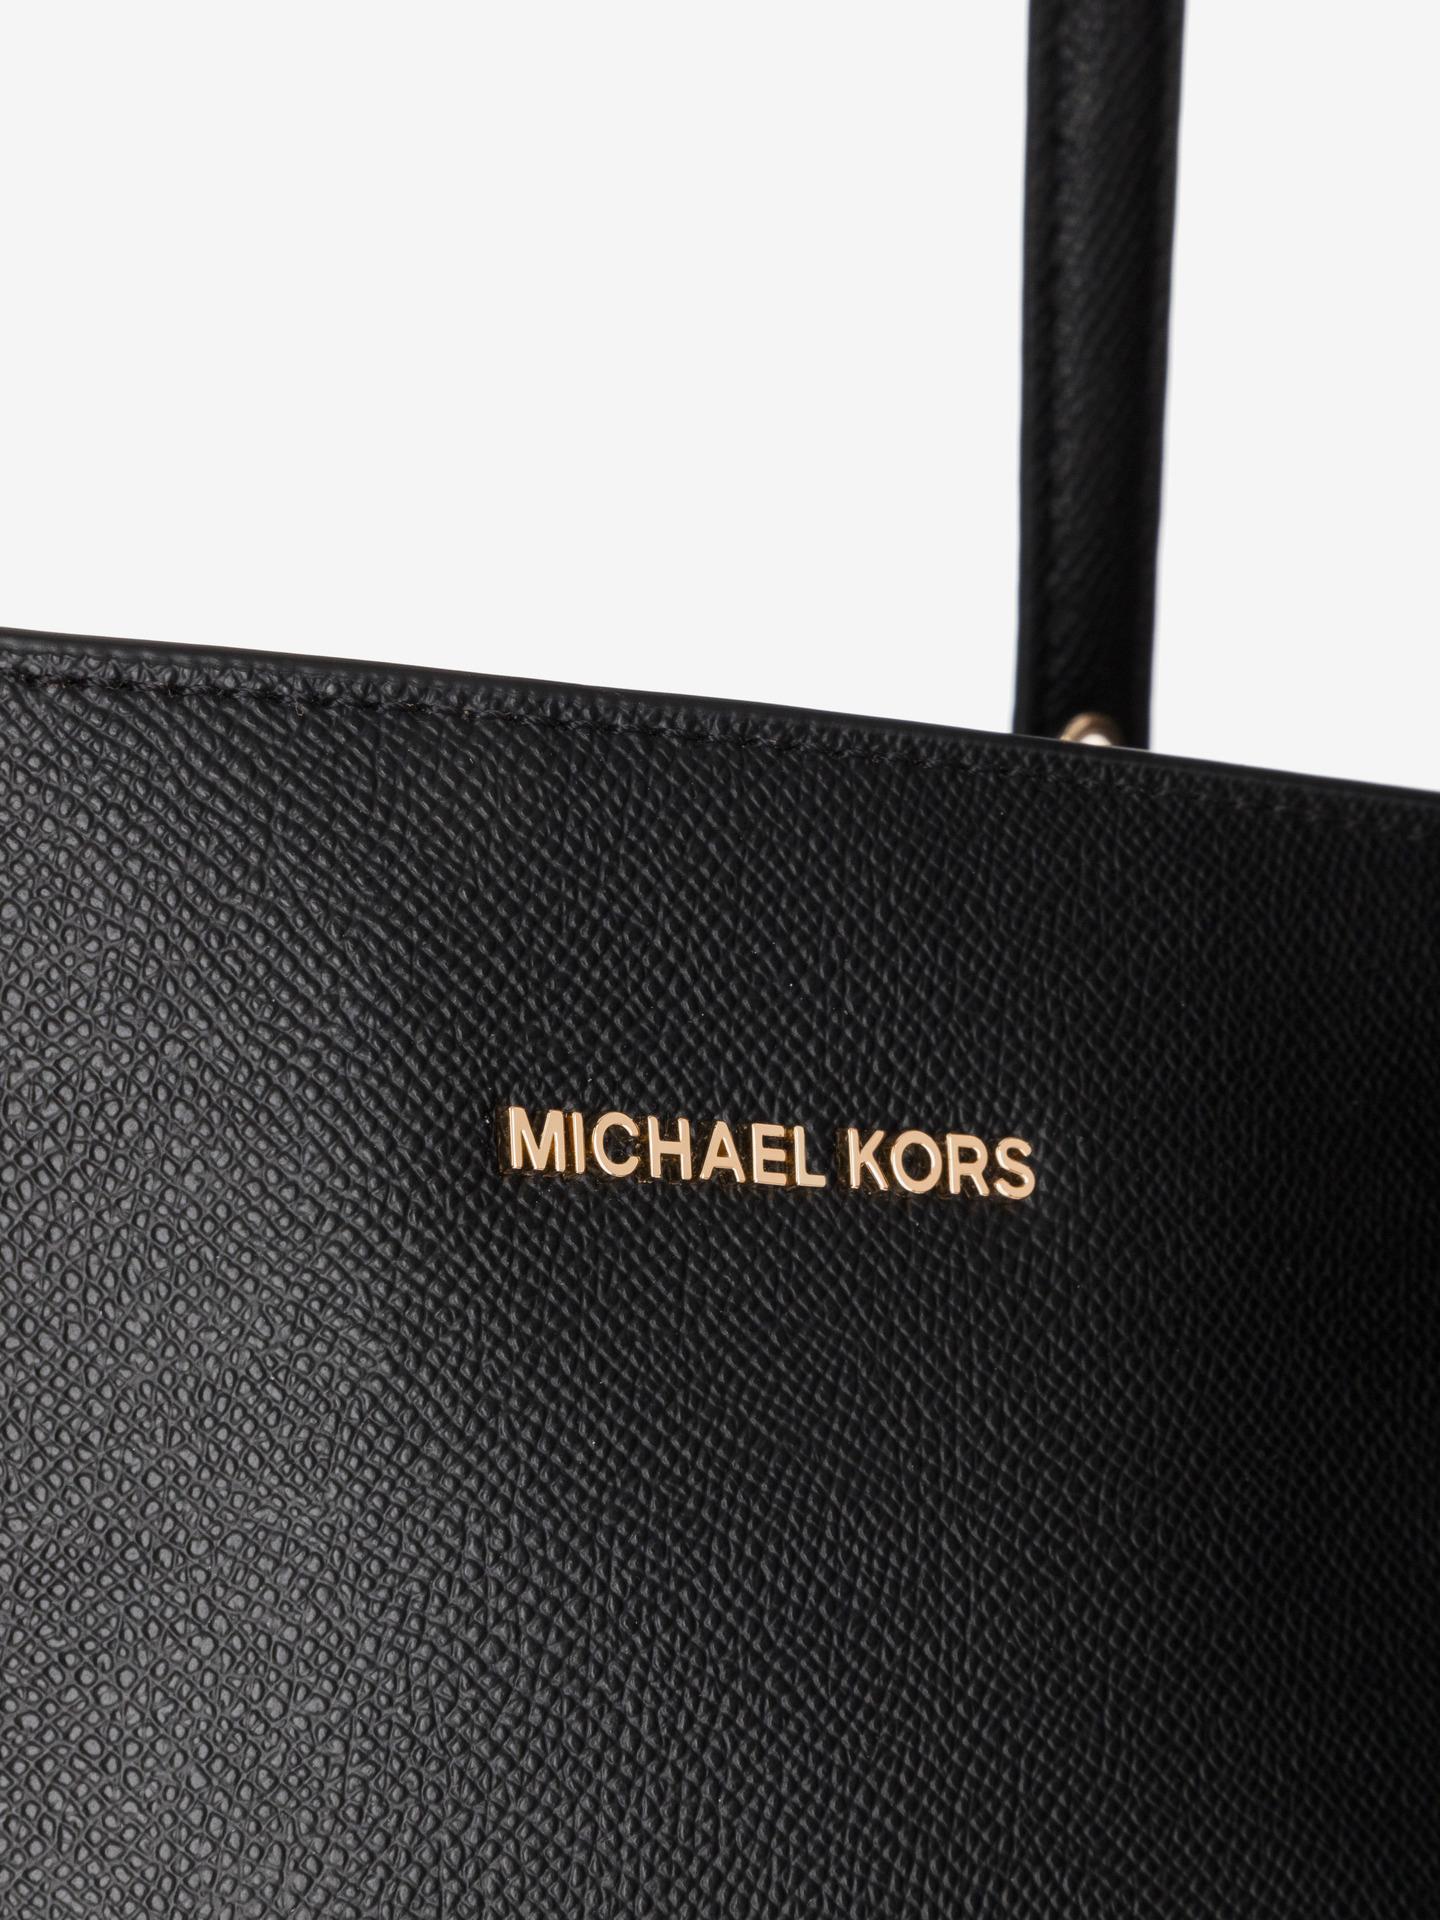 Michael Kors Borsetta donna nero  Small